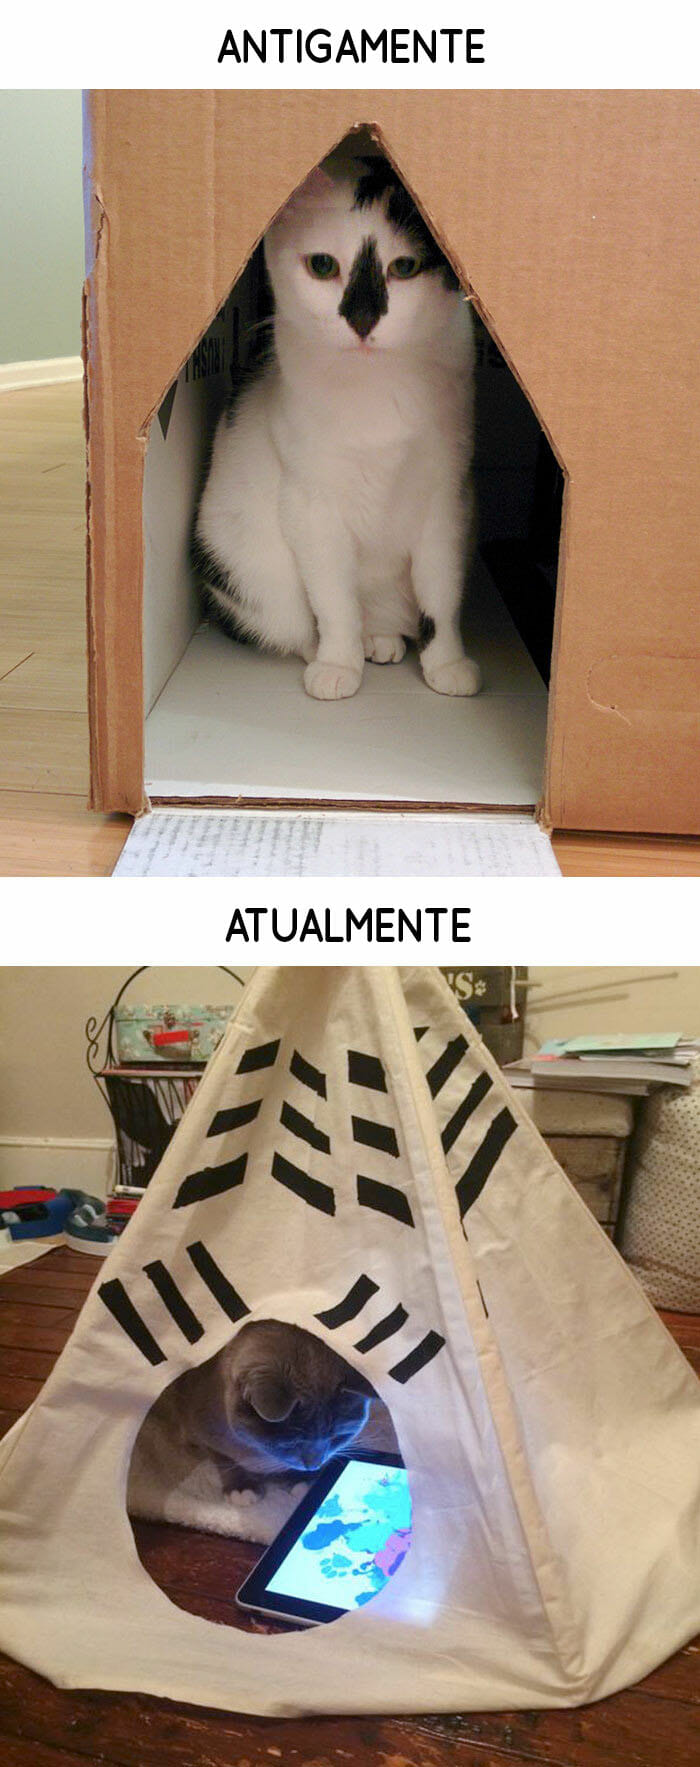 antigamente-vs-atualmente-gatos_12